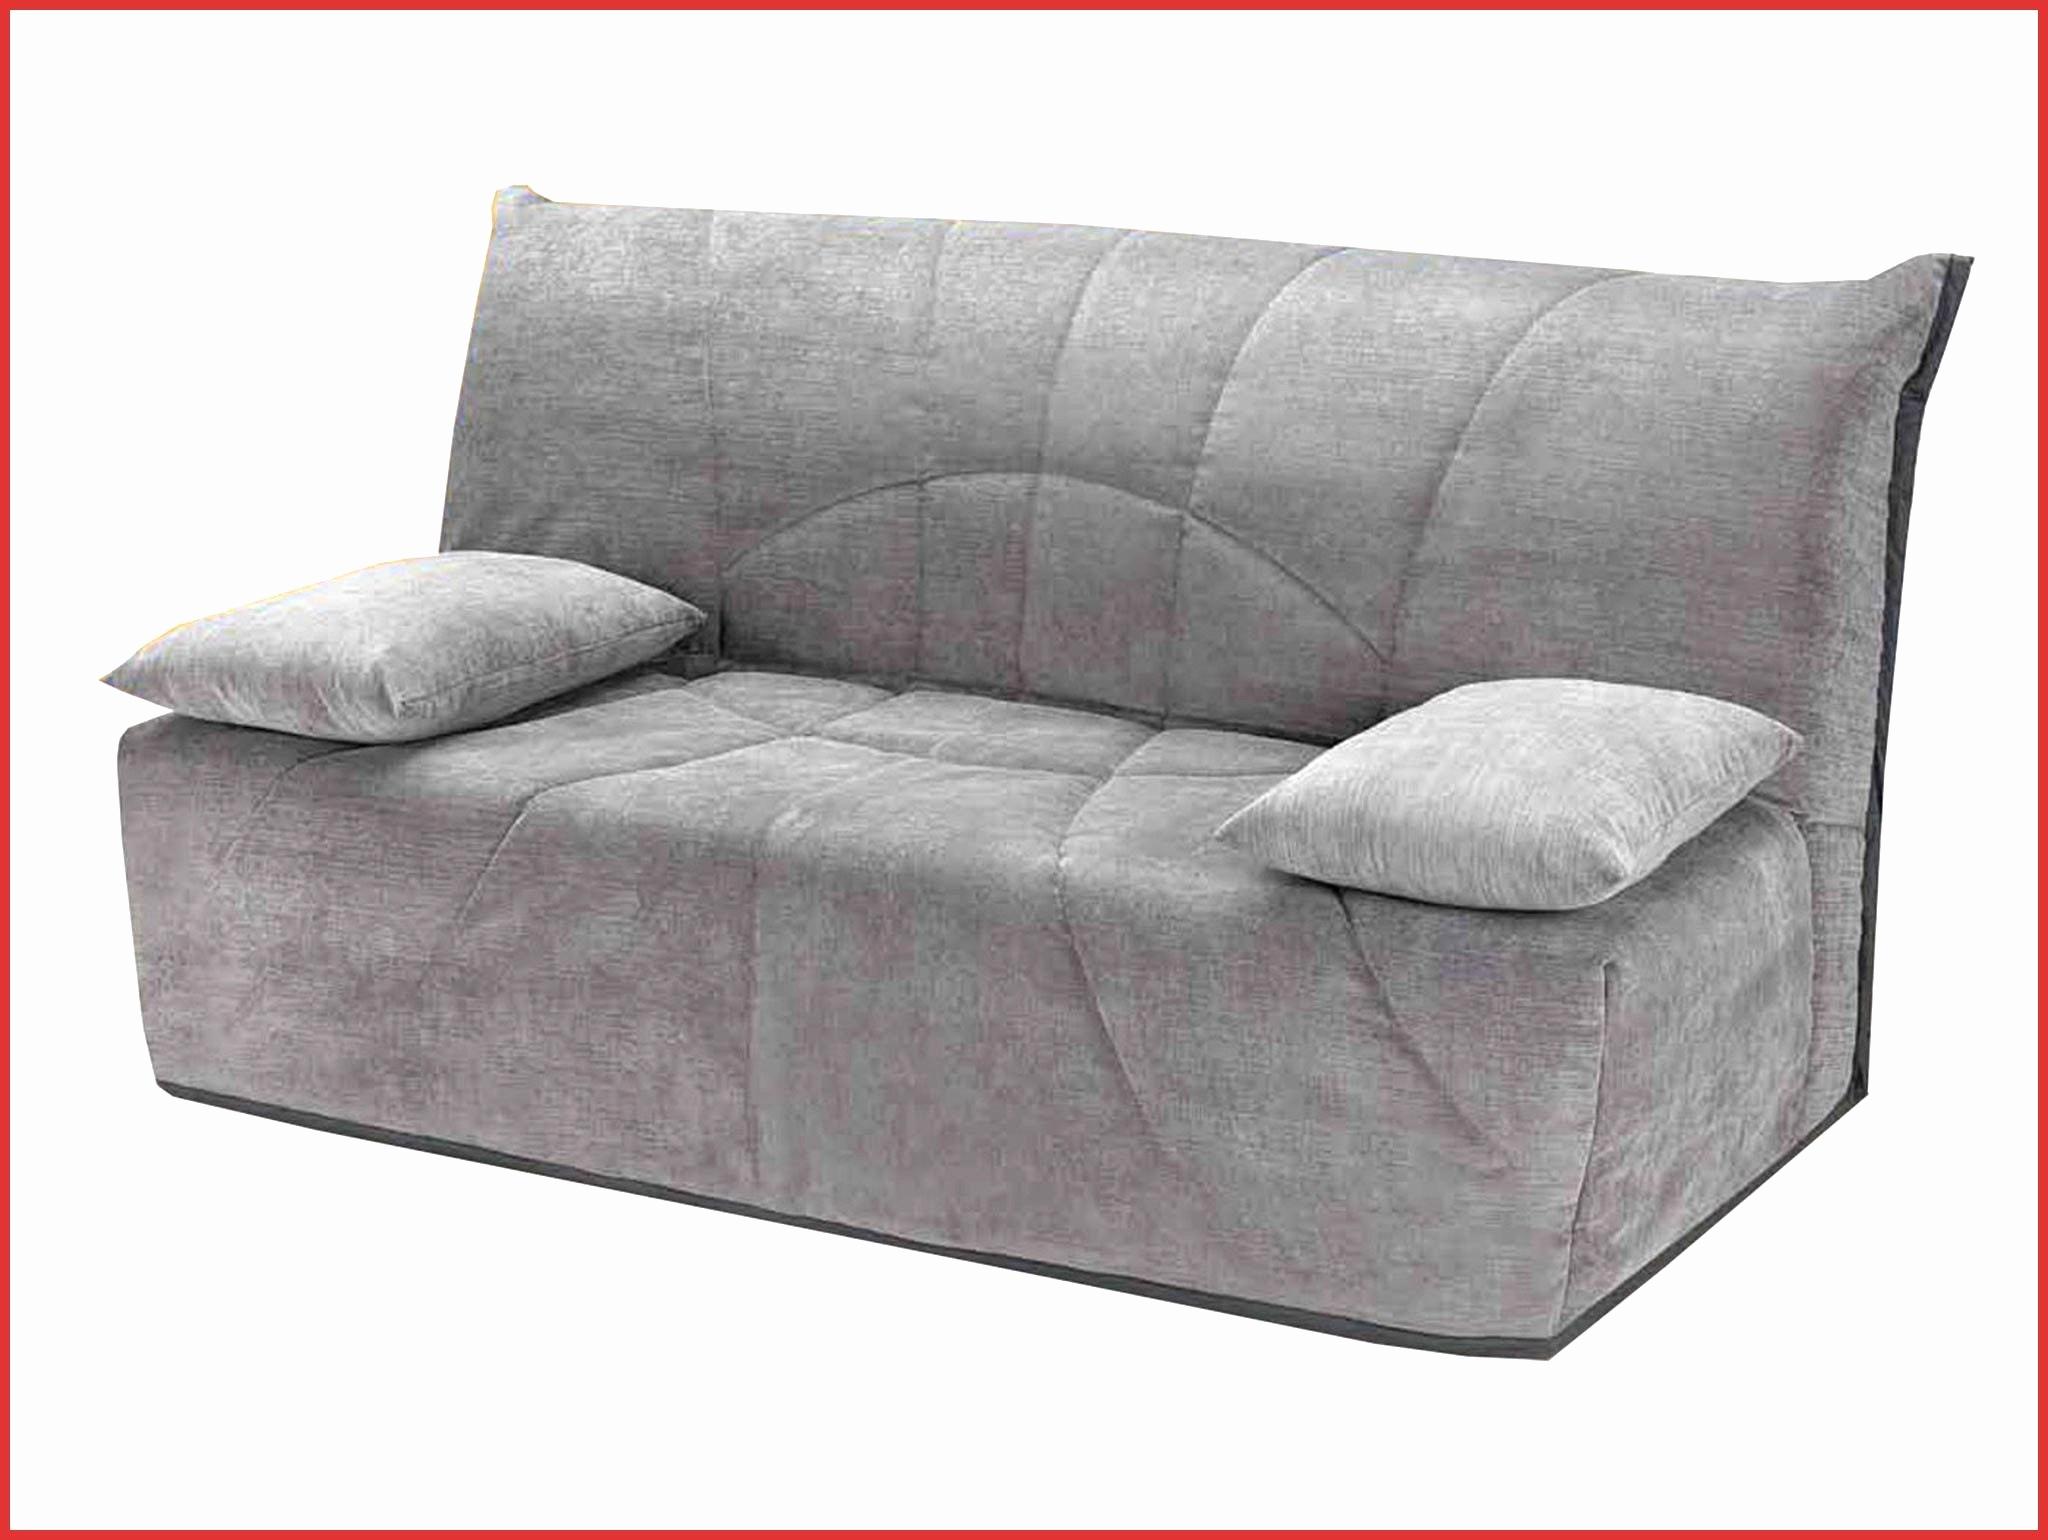 Canape Rapido Ikea Élégant Images Clic Clac Bz Pas Cher Radioconexionanimal